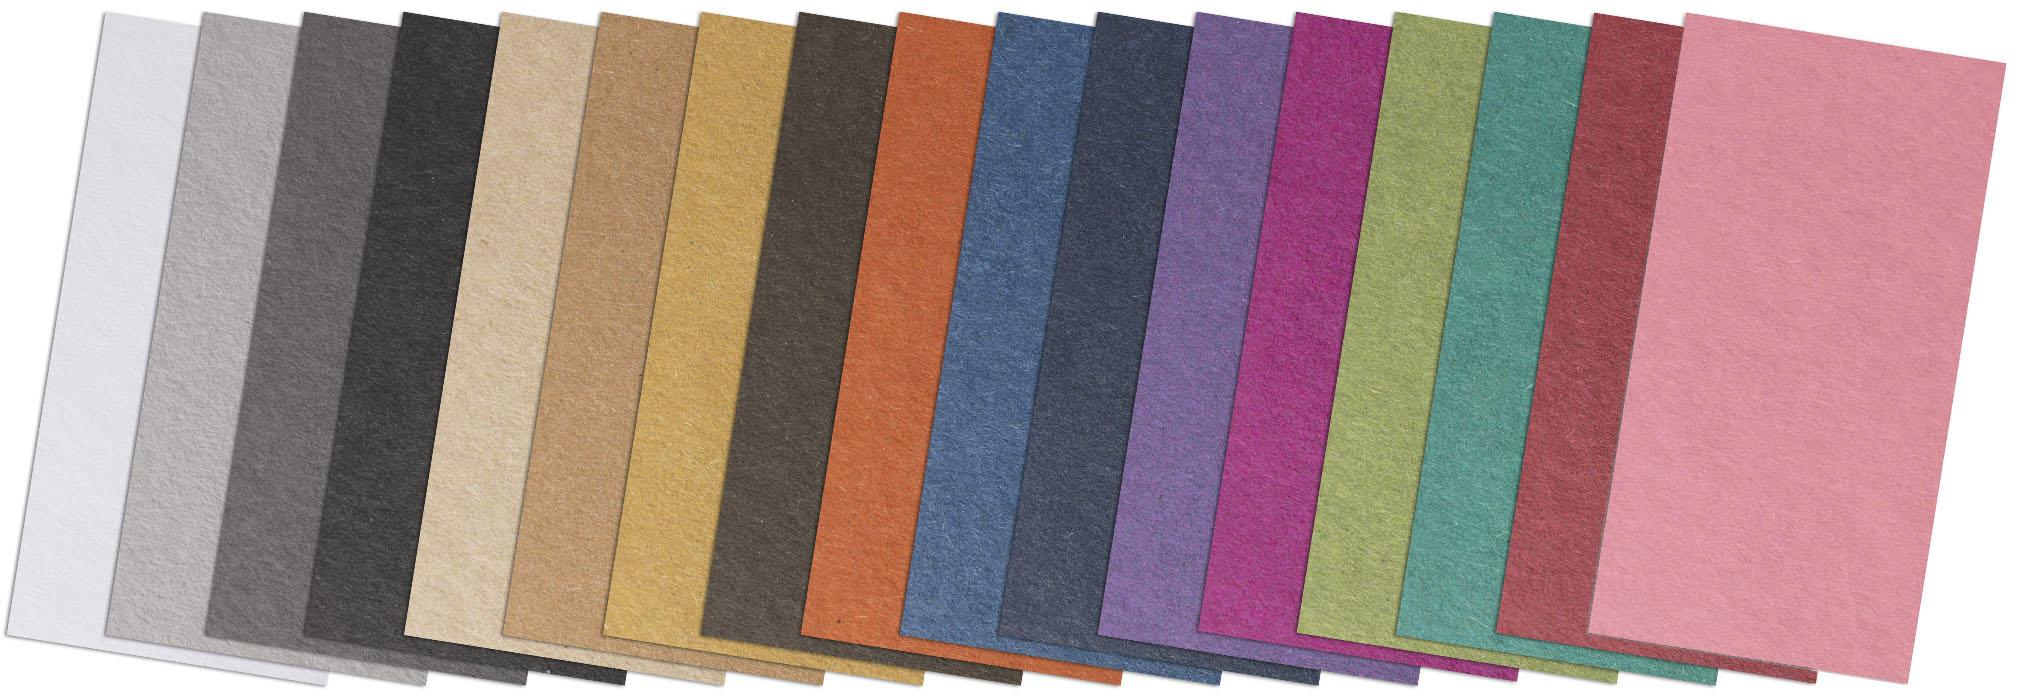 Catálogo de colores